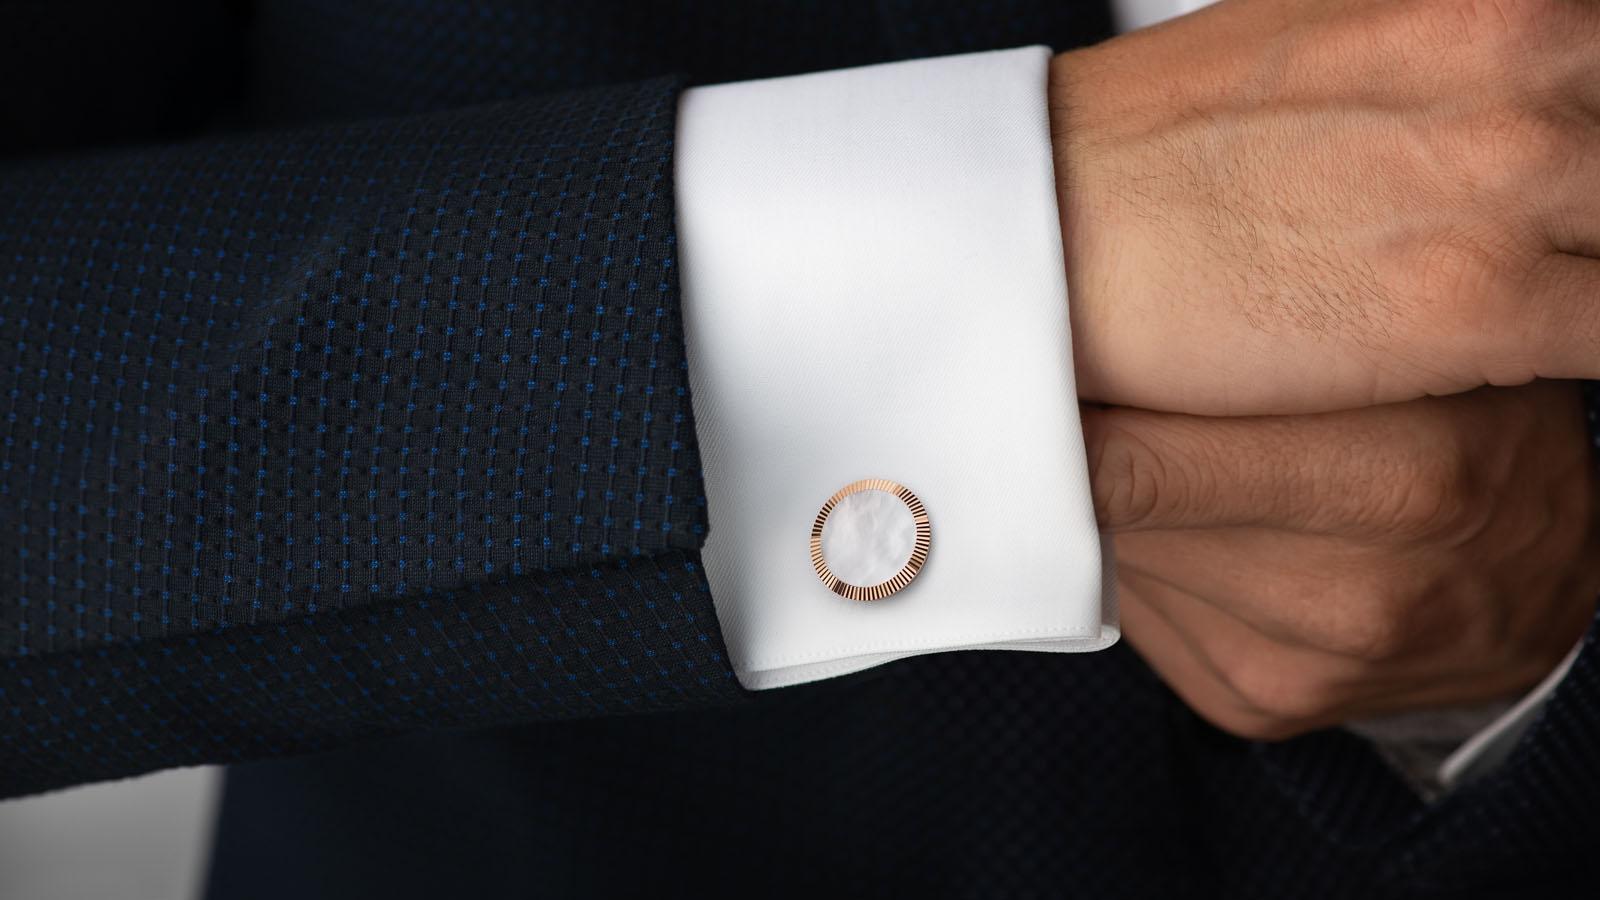 星座系列 袖扣 星座系列 袖扣 腕表 - CA01DG0700205